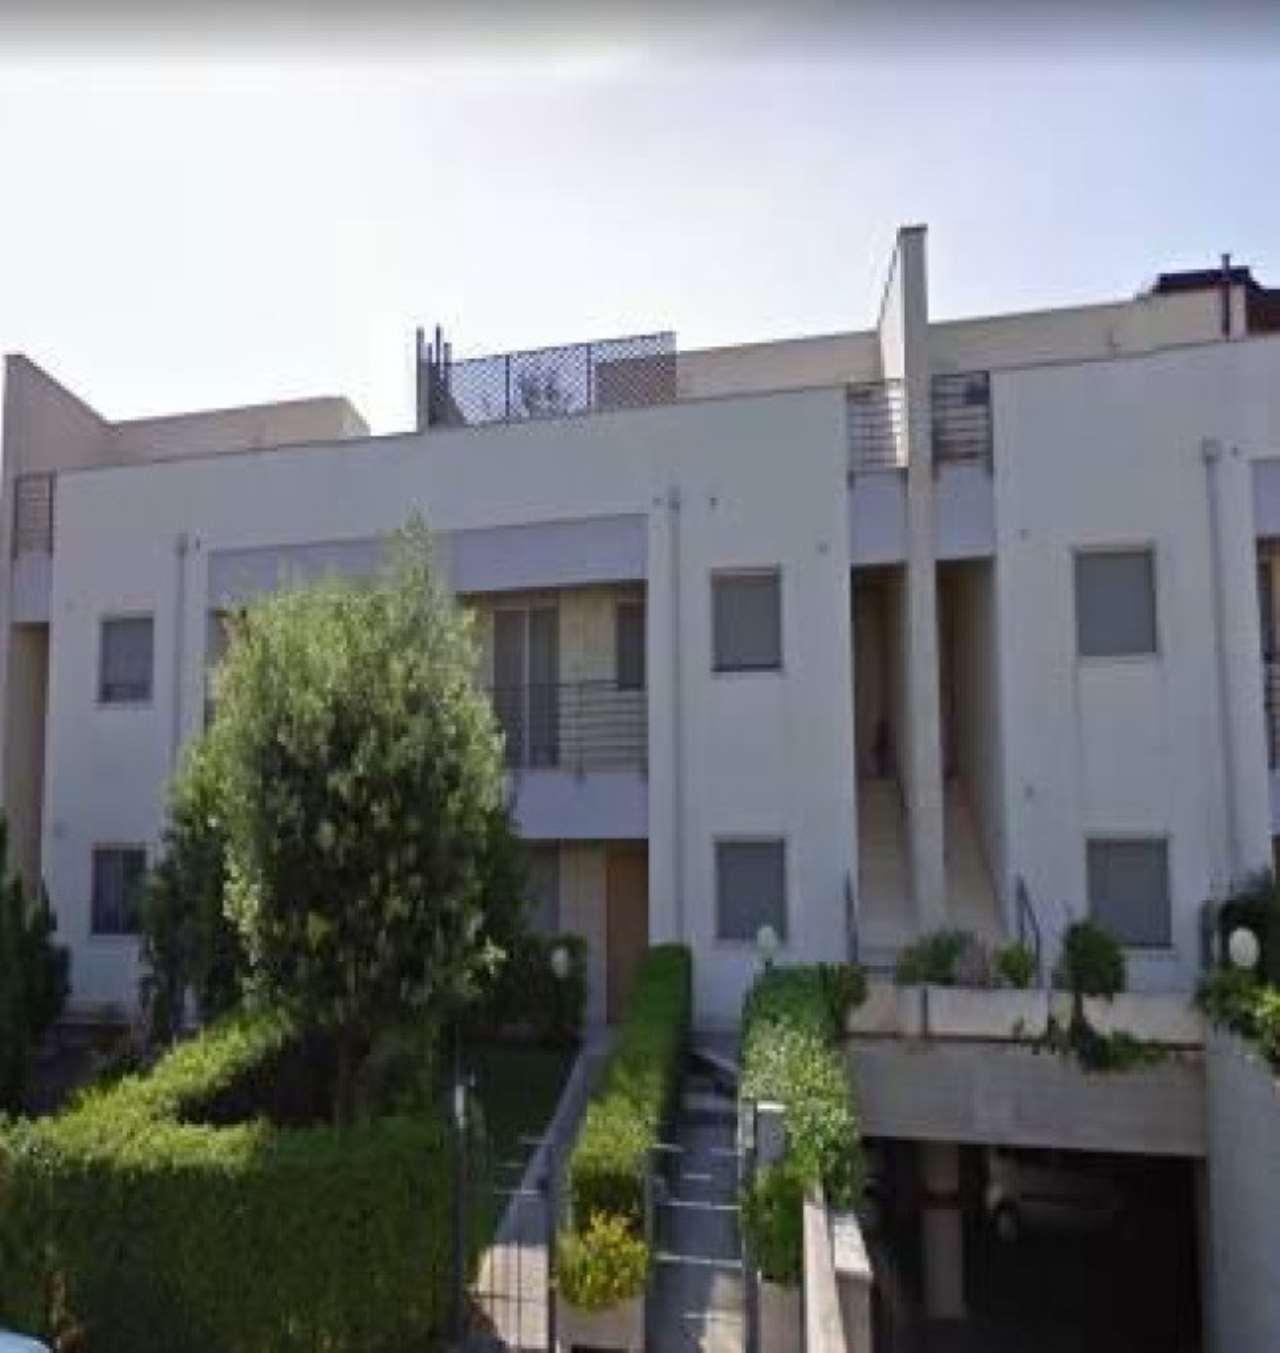 Foto 1 di Casa indipendente via Raffaello Sanzio 7, Matera